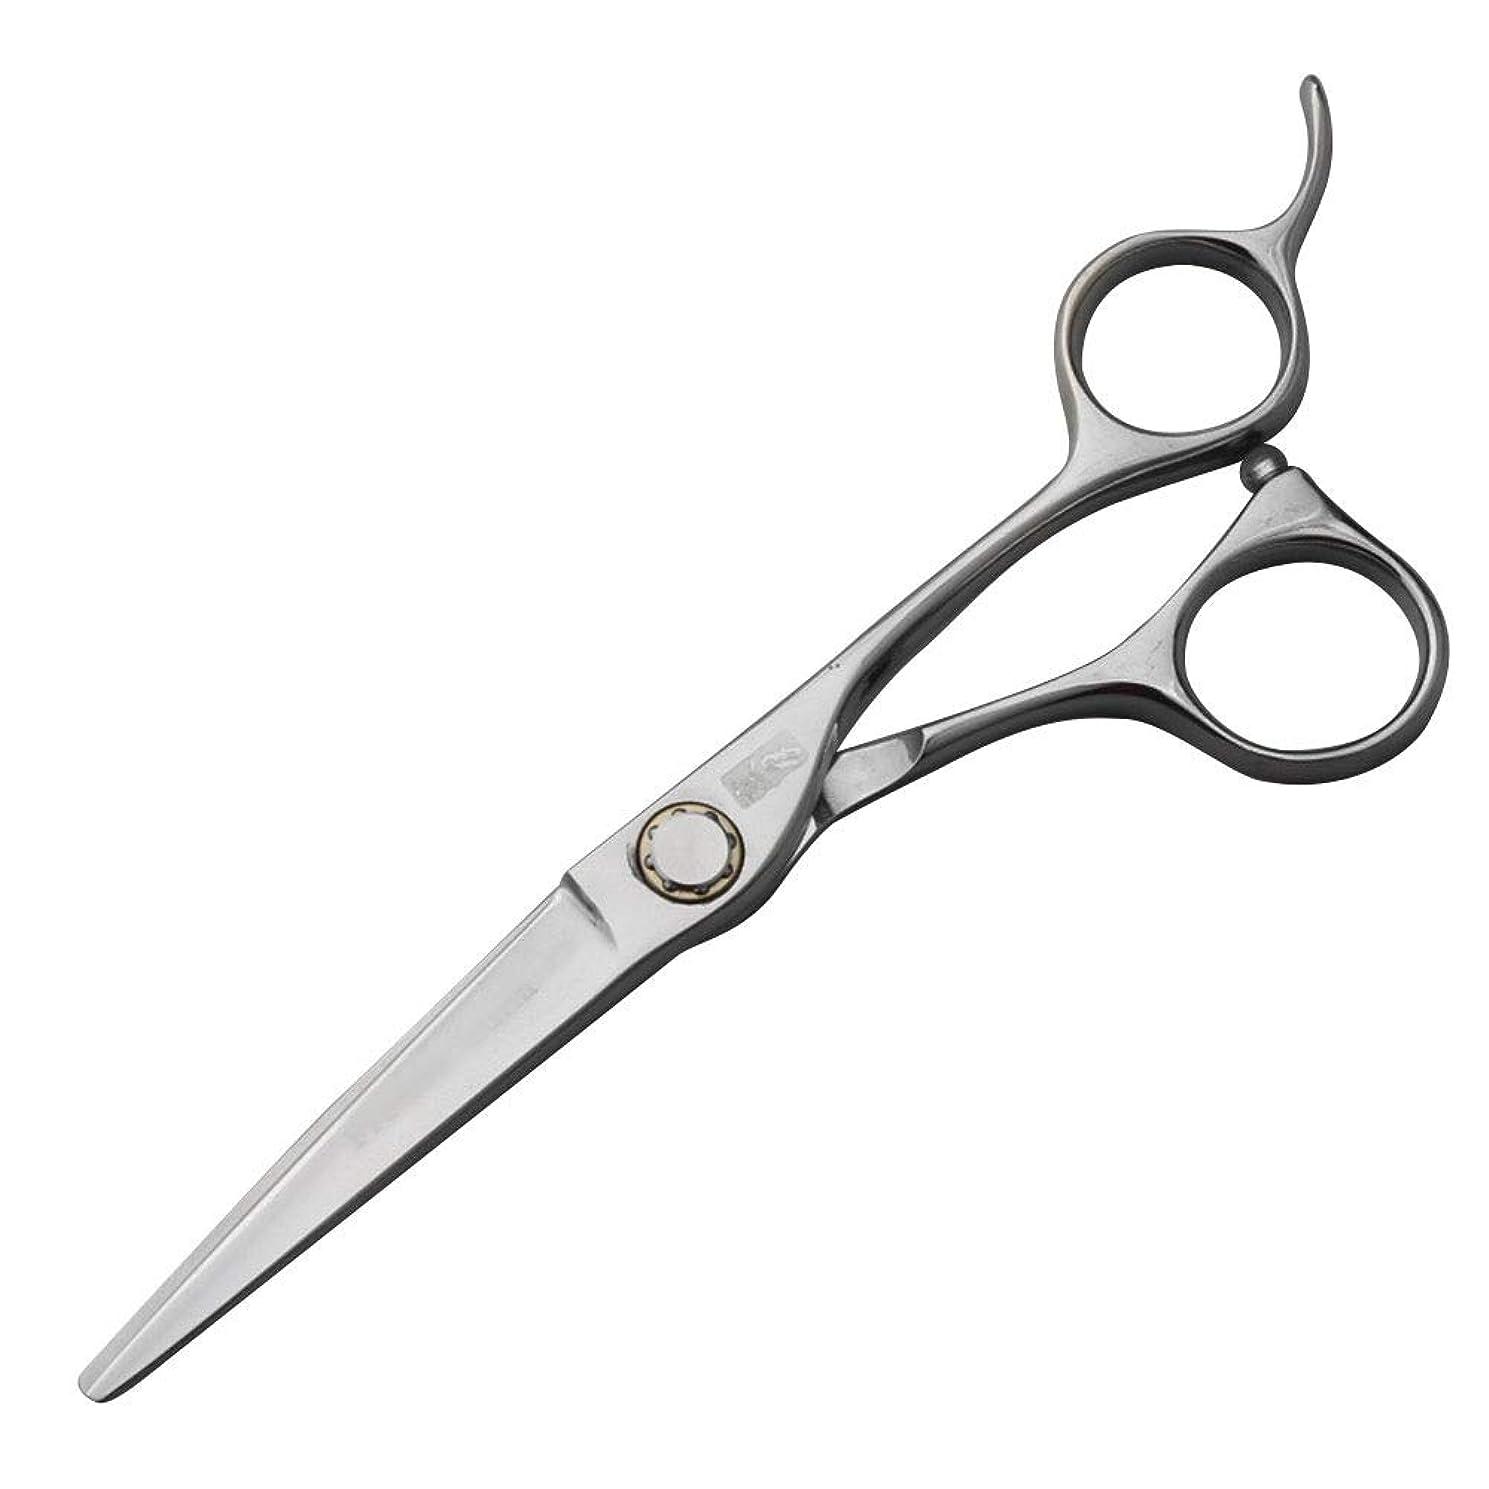 上院議員場所トースト440C高級ステンレス鋼理髪はさみ、スタイリスト特別な平らなはさみ+歯はさみセット モデリングツール (色 : Silver)